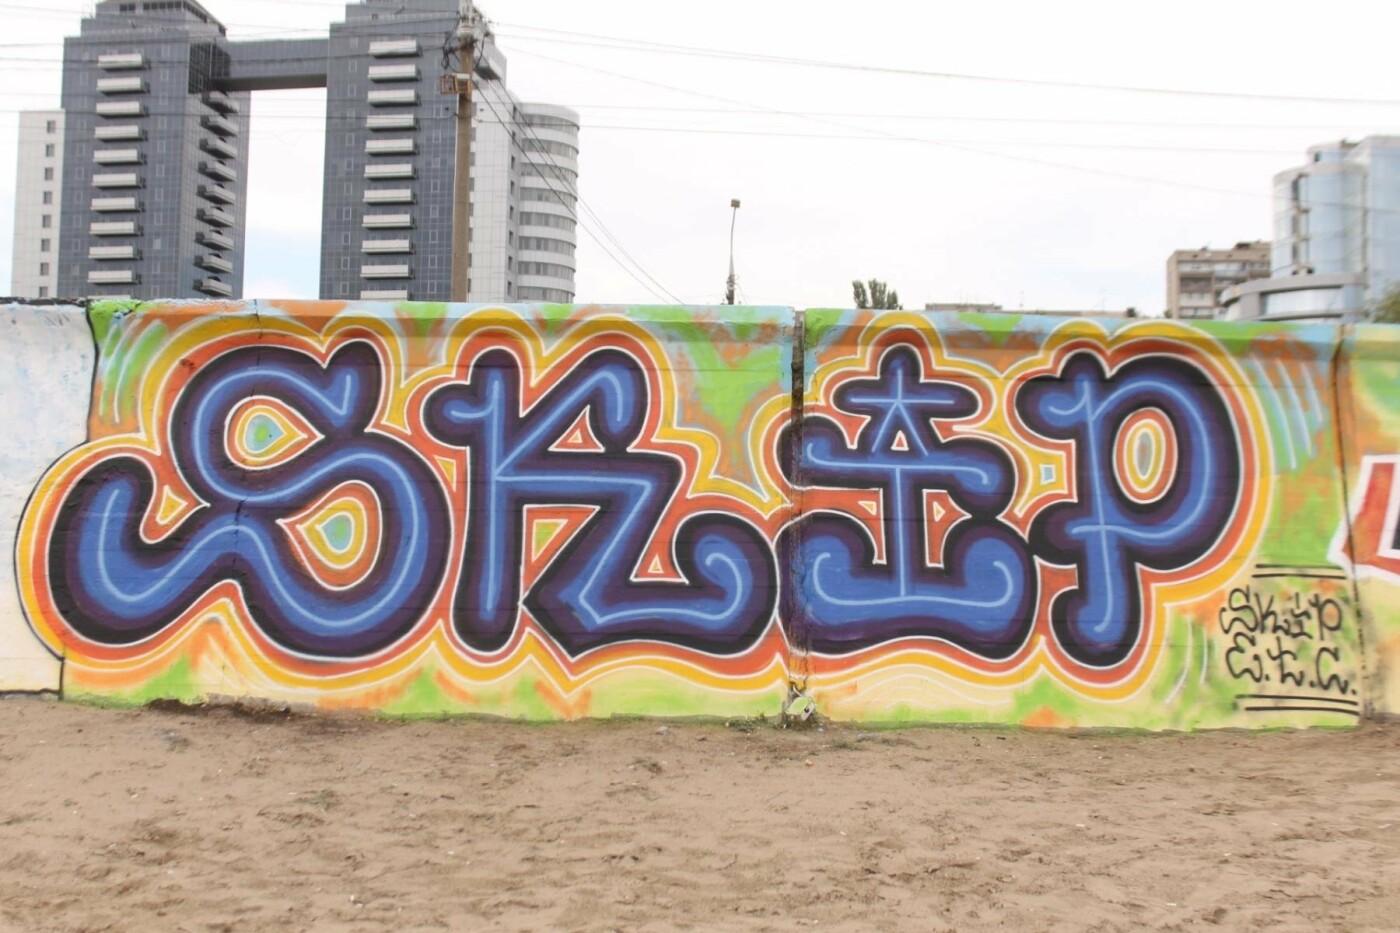 В Запорожье на пляже закончился фестиваль граффити: разрисовали 150 метров бетонной стены, – ФОТОРЕПОРТАЖ, фото-5